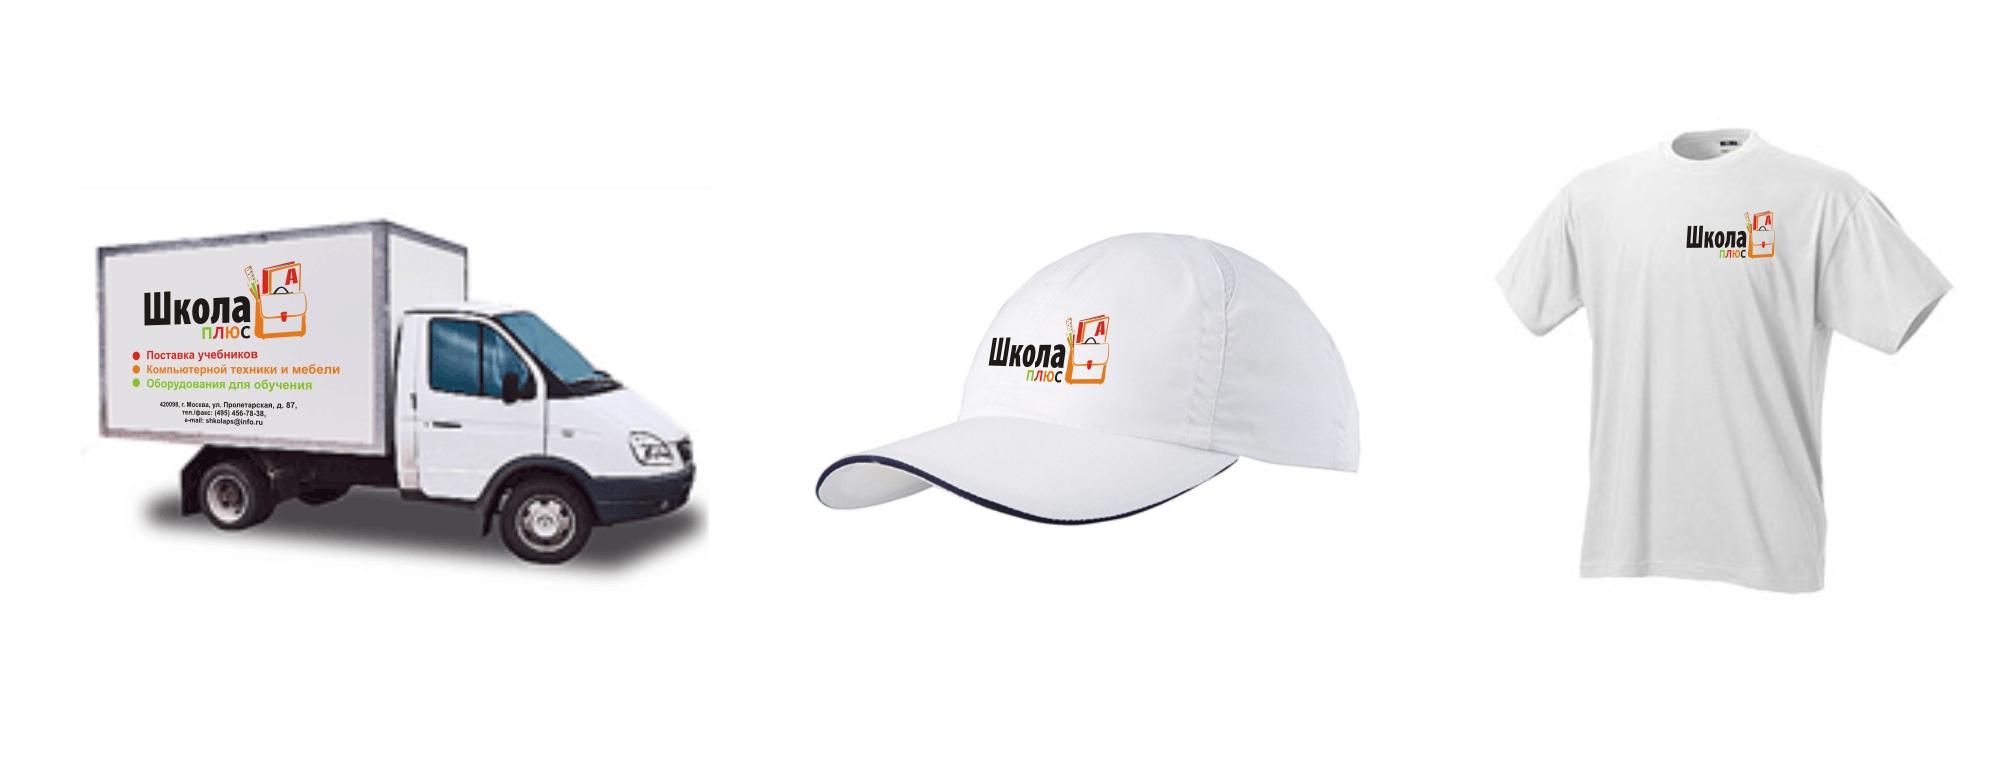 Разработка логотипа и пары элементов фирменного стиля фото f_4daef541854af.jpg